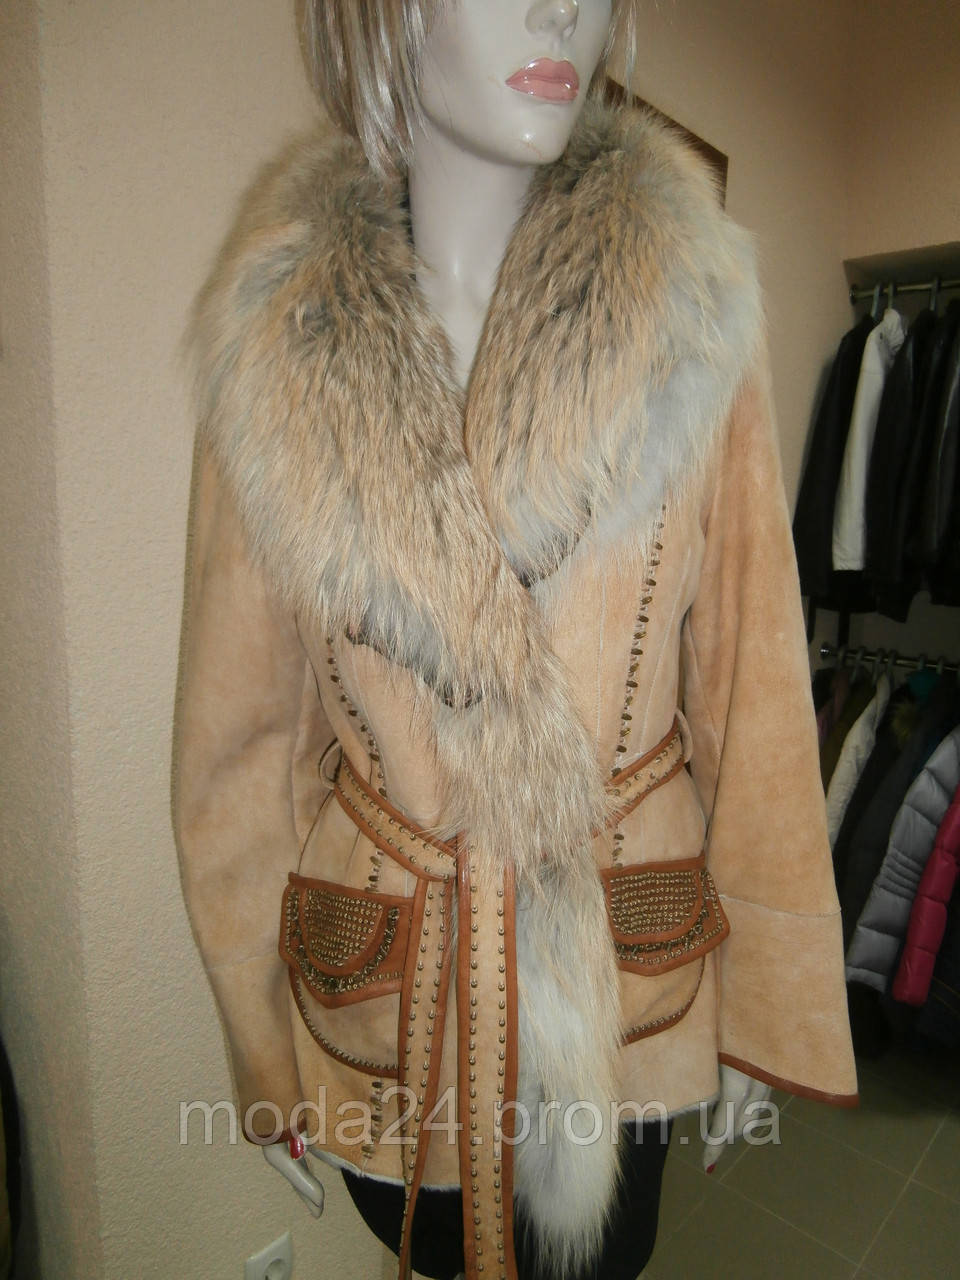 Комиссионные магазины брендовой одежды доставка